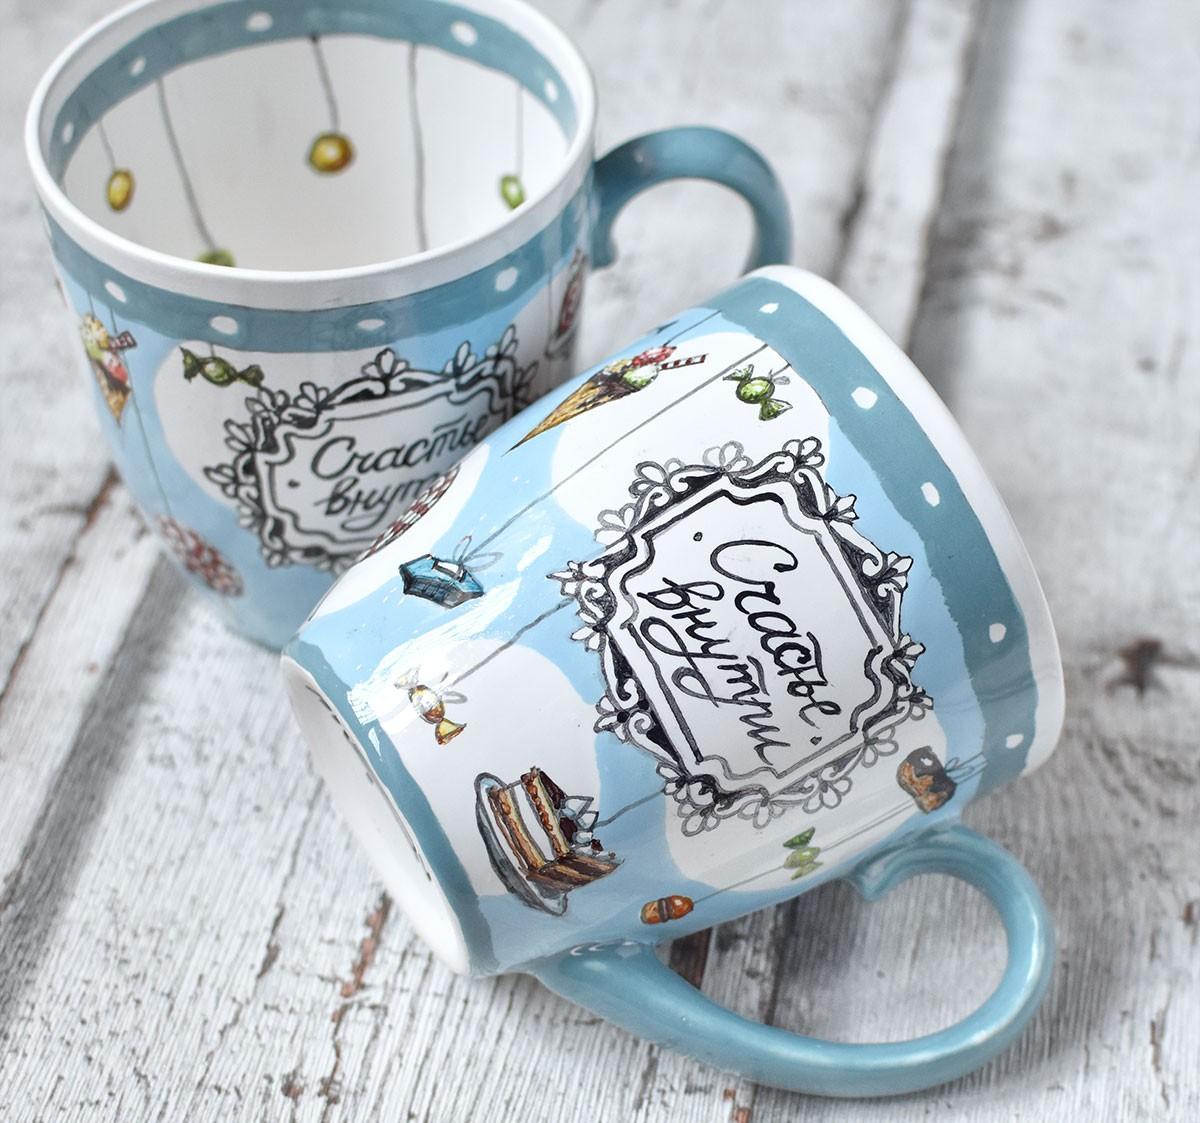 """картинка Чашка """"Счастье внутри"""" - DishWishes.Ru"""